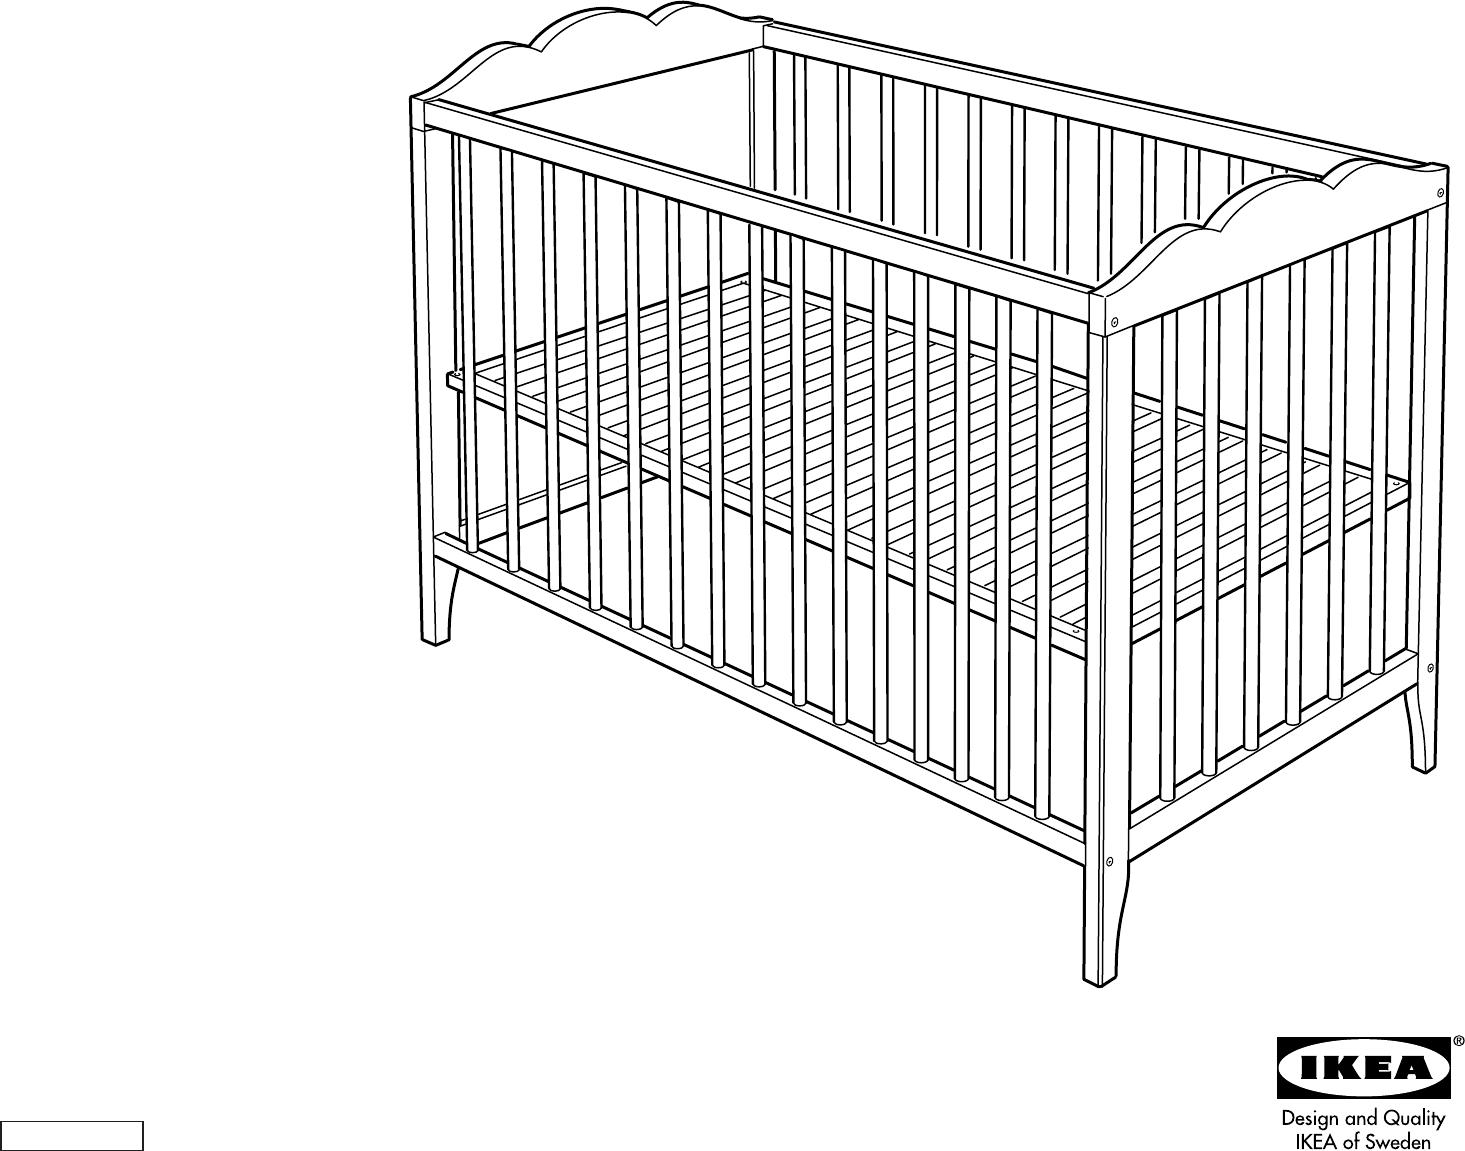 Handleiding ikea hensvik babybed pagina 1 van 4 dansk - Notice lit ikea ...